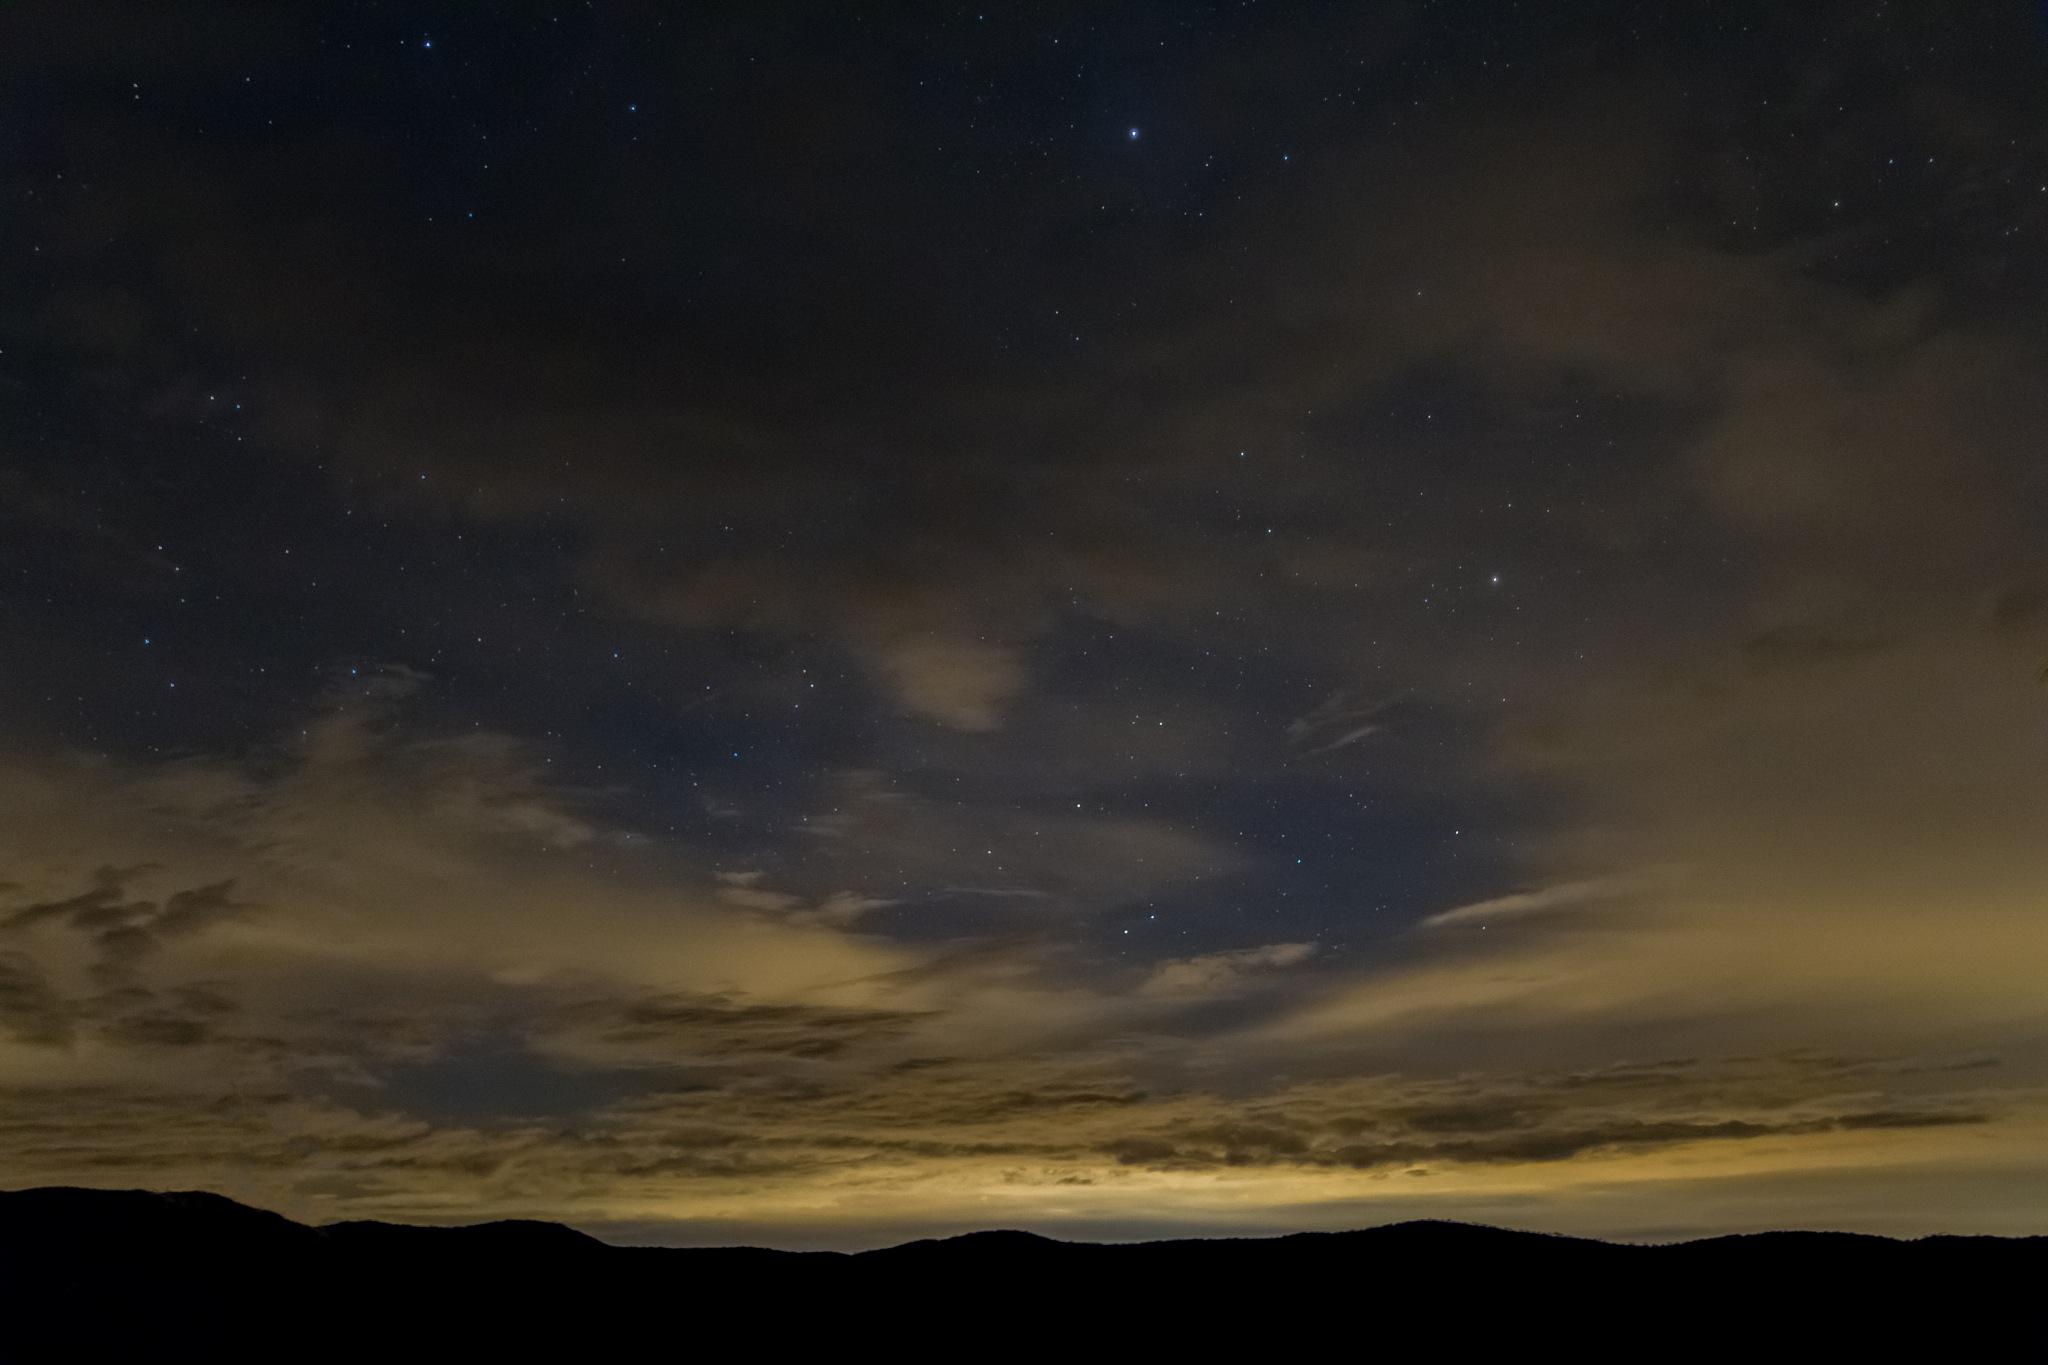 Night stars by jesuslopes